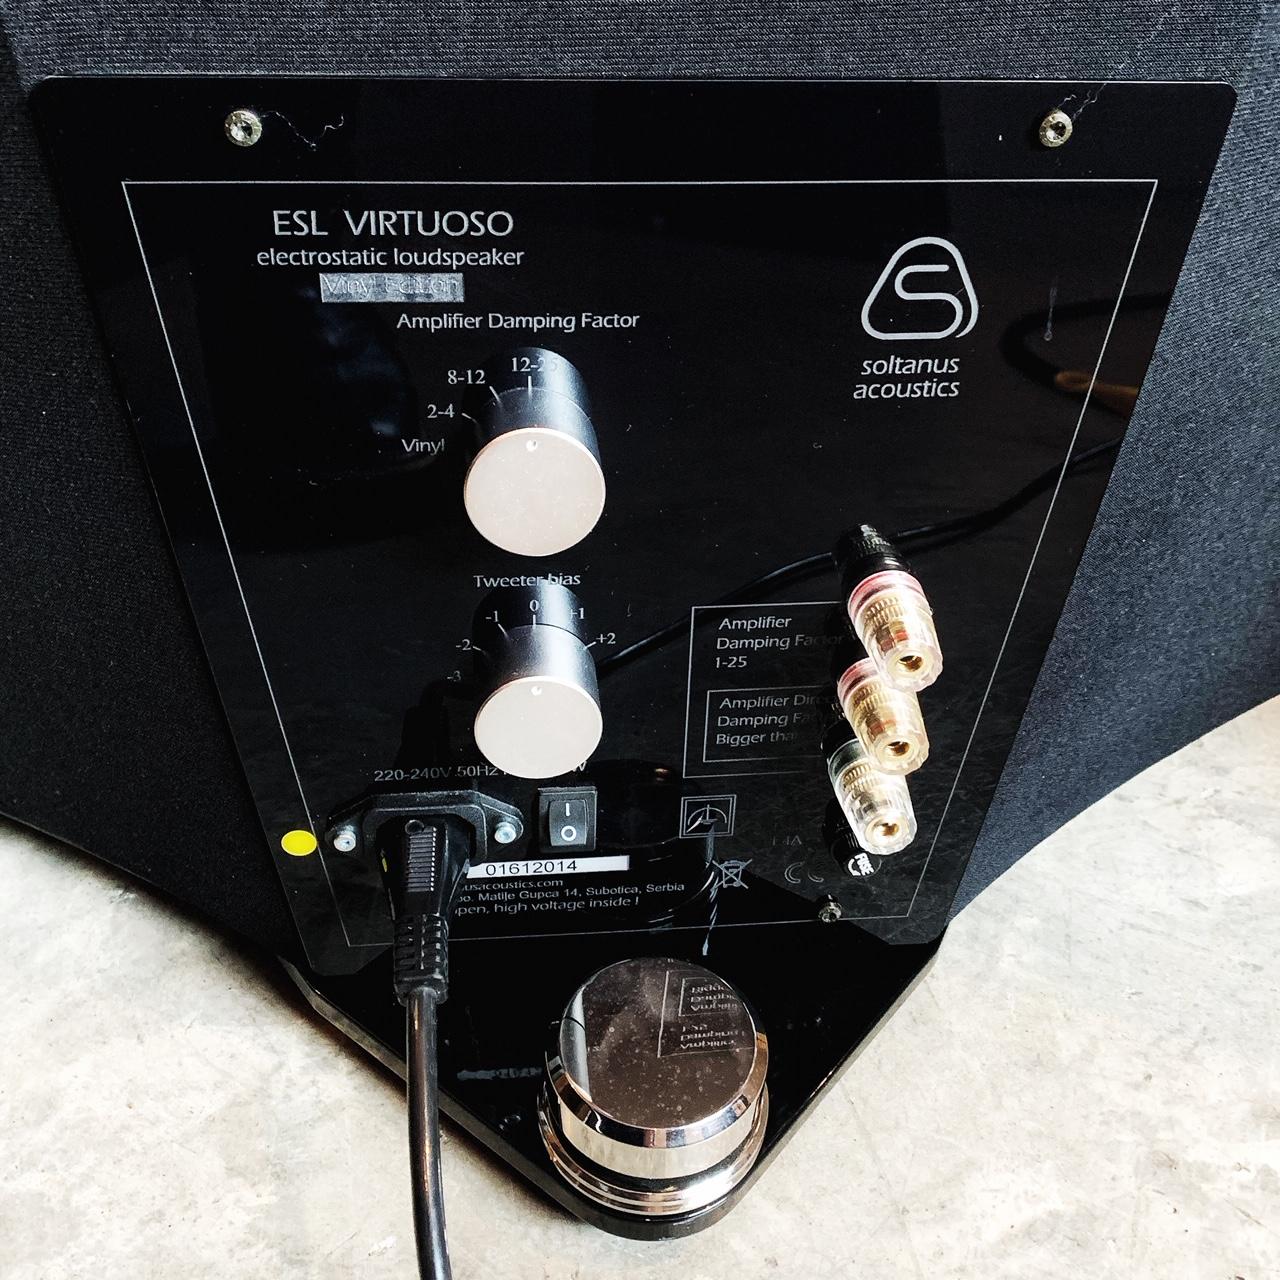 panneaux électrostatiques SOLTANUS VIRTUOS0 - bornier